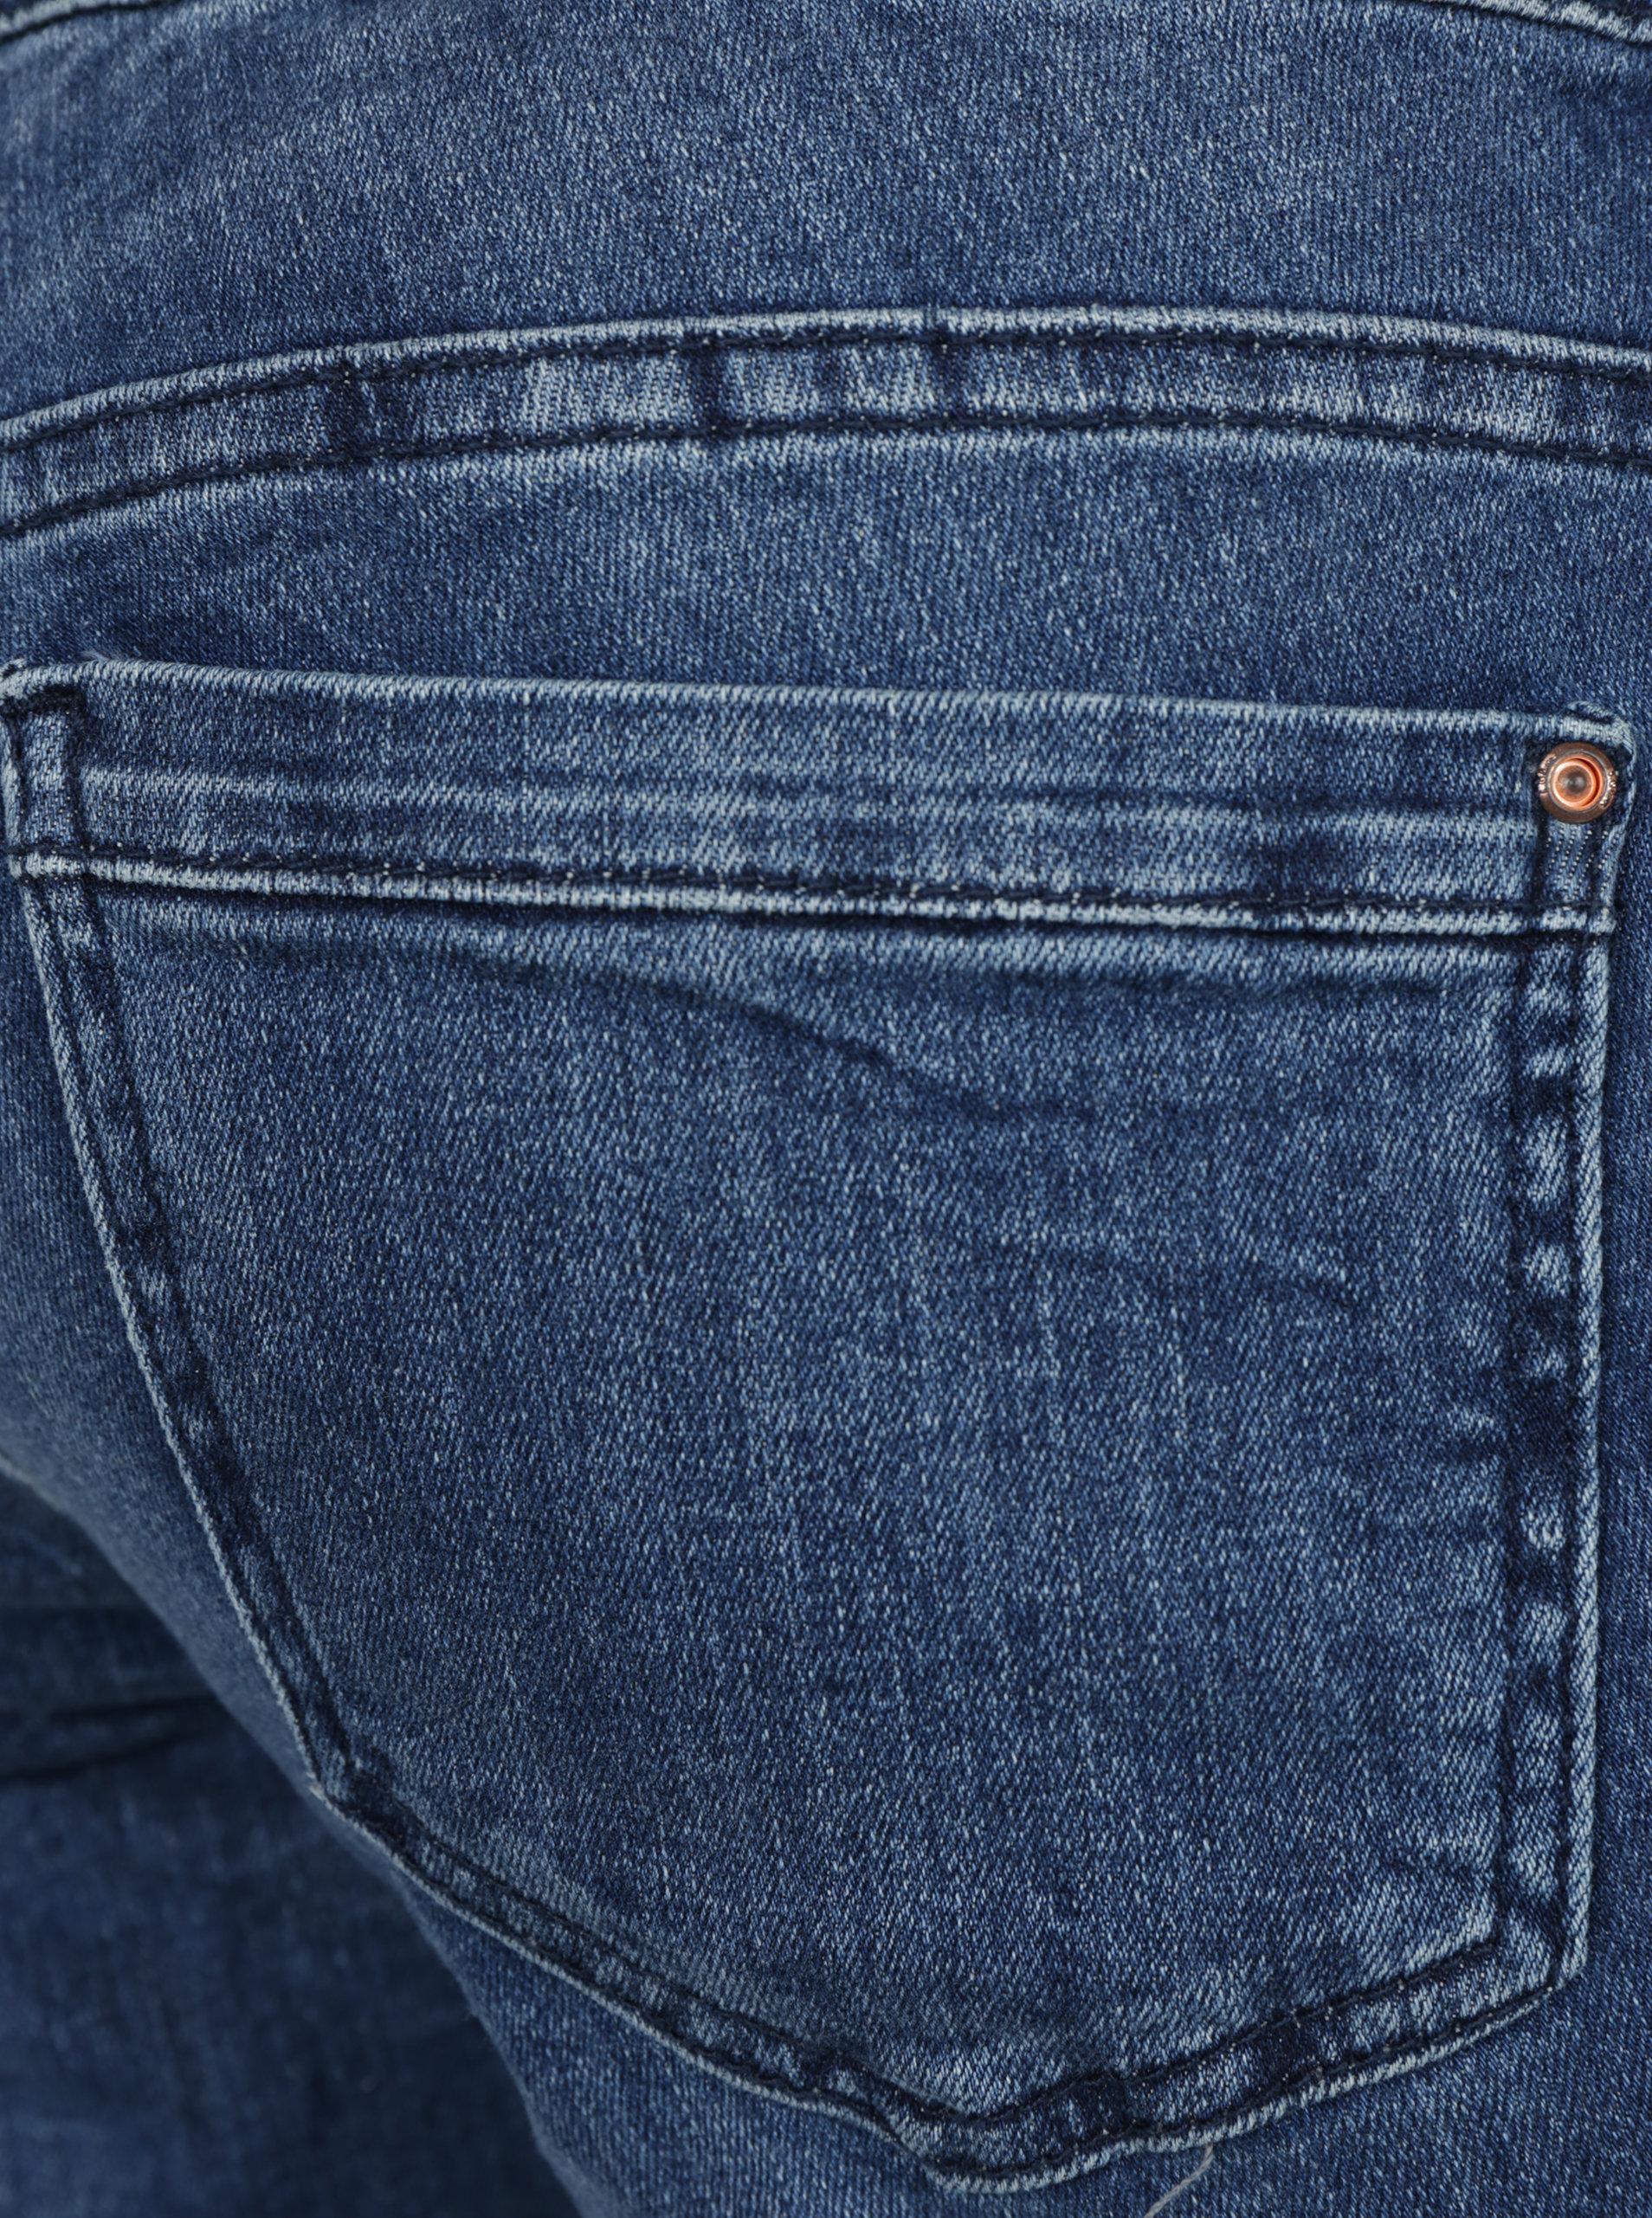 fa14892b0f3 Tmavě modré dámské džíny s vyšisovaným efektem s.Oliver ...